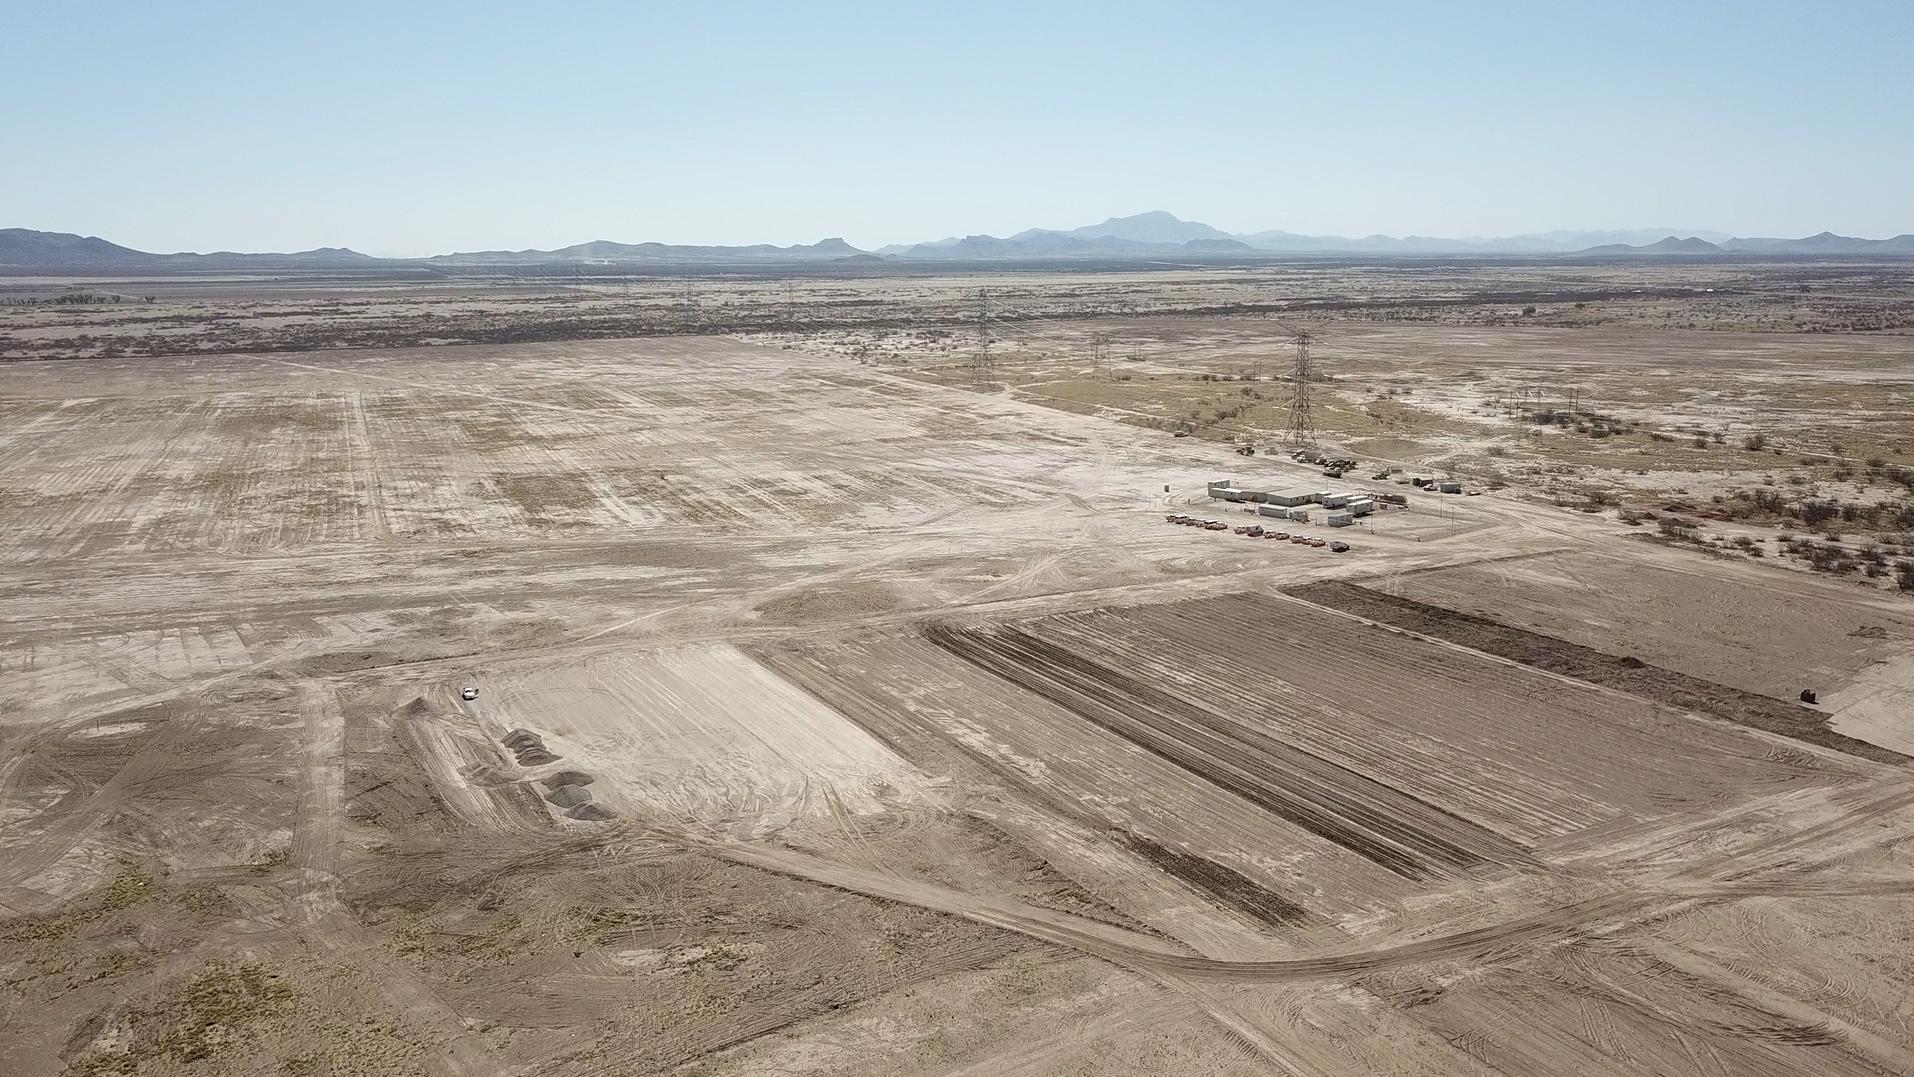 Arranca mega proyecto solar en Galeana, Chihuahua - El Diario de Juárez (23.11.17)